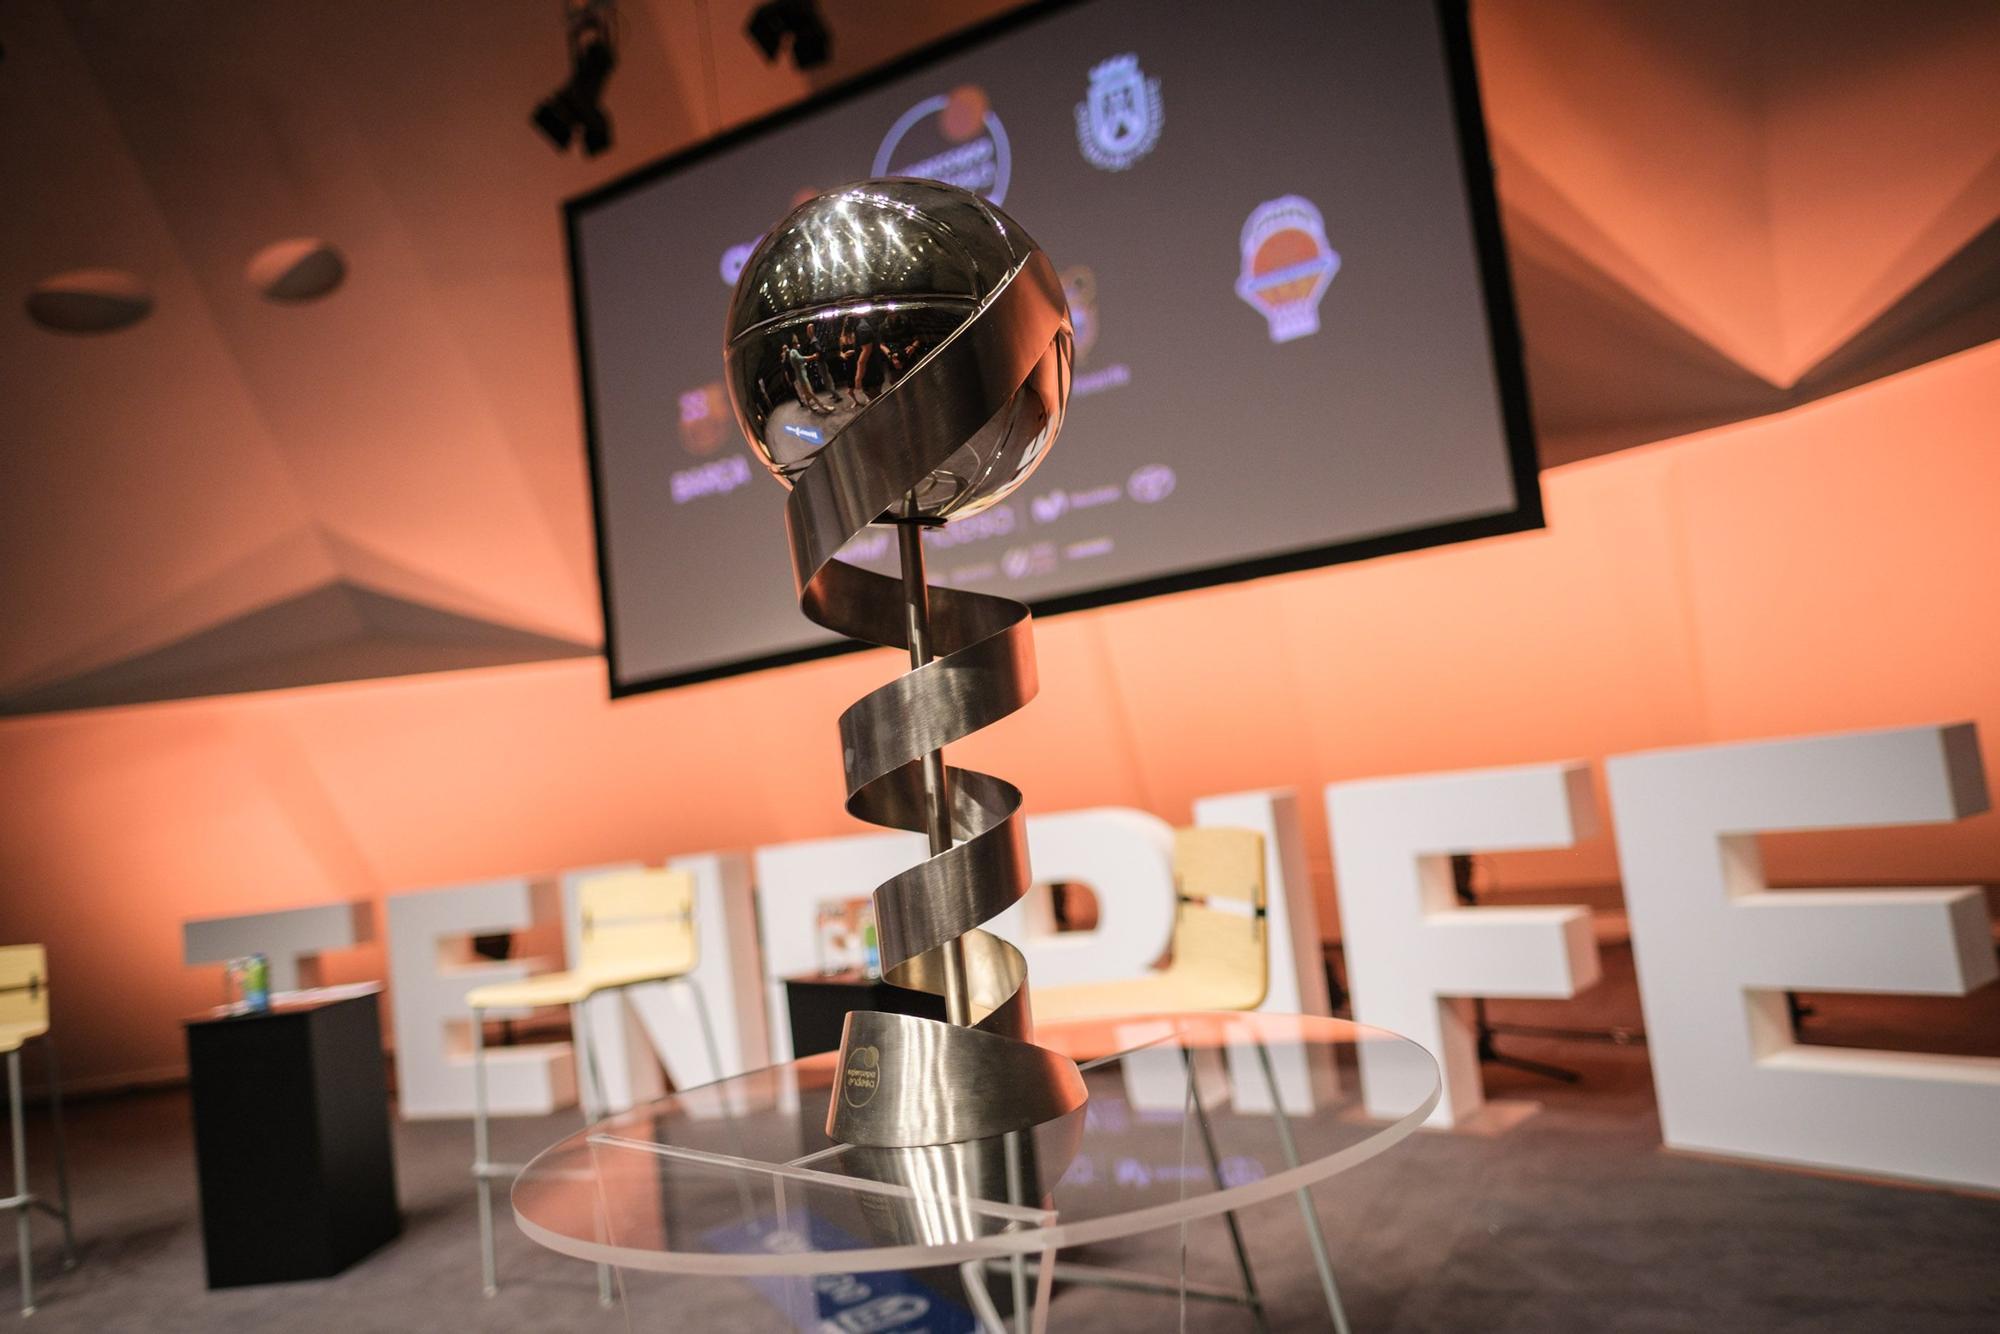 Presentación de la Supercopa de baloncesto en Tenerife